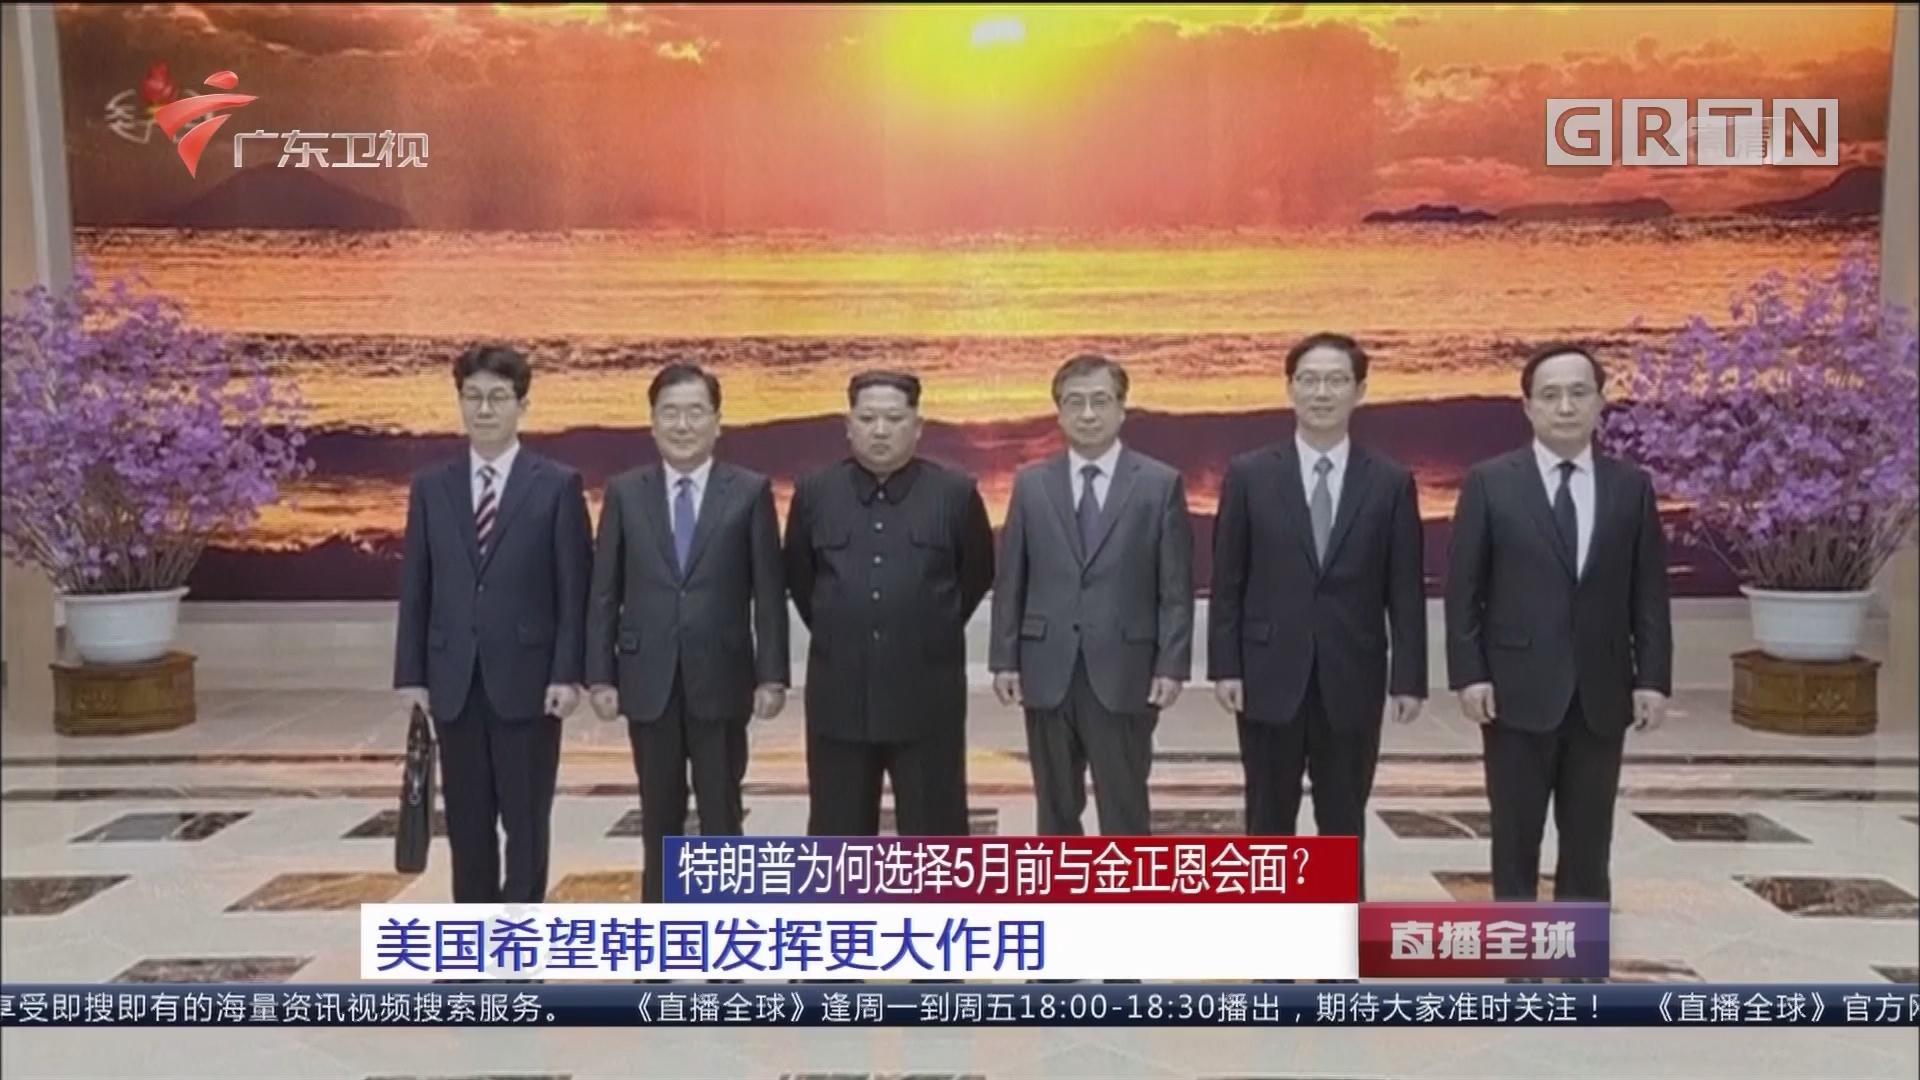 特朗普为何选择5月前与金正恩会面? 韩美从不同角度影响朝鲜